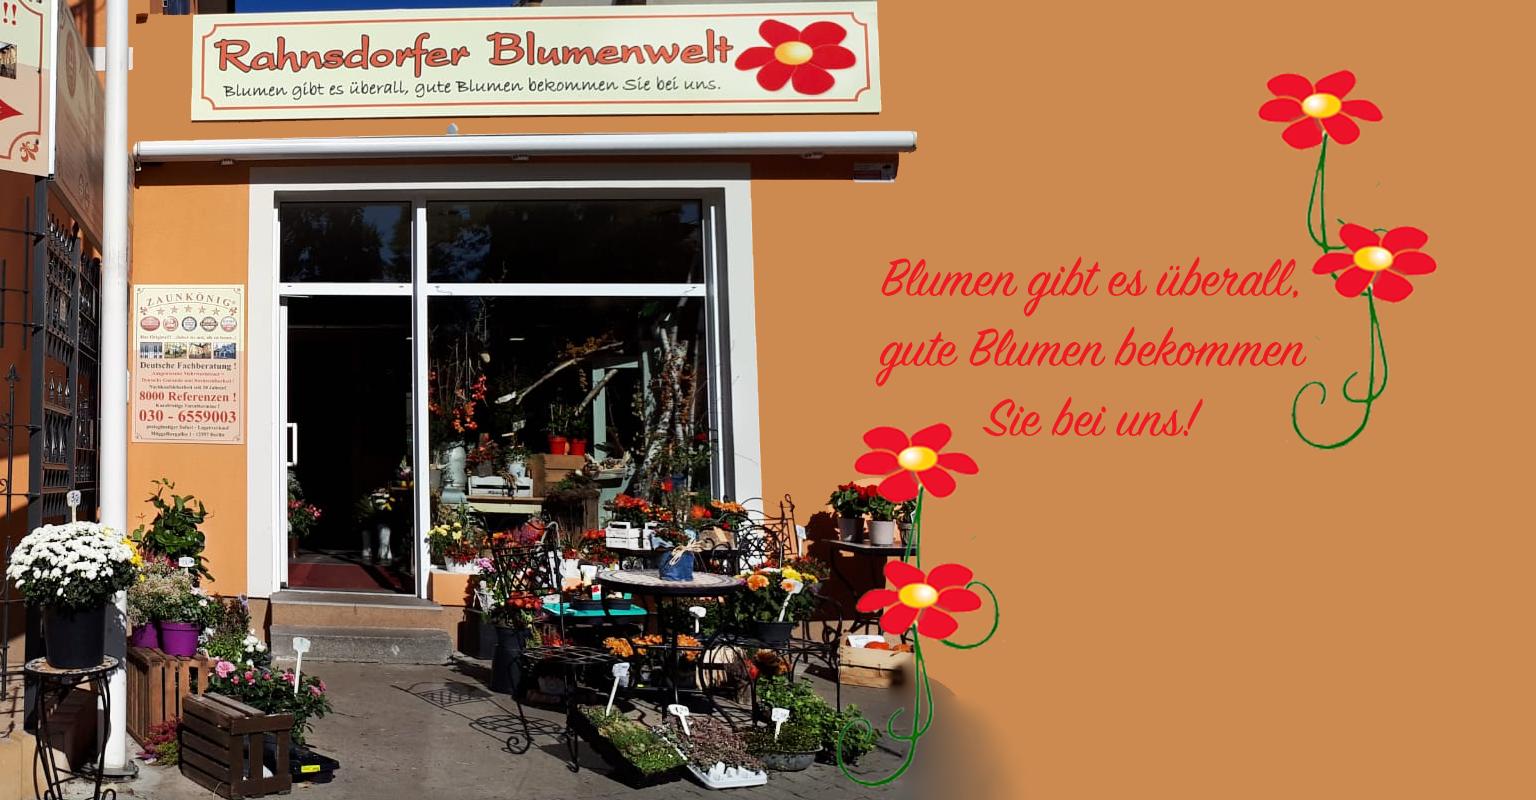 Blumenwelt_Berlin_Rahnsdorf_Slogan_